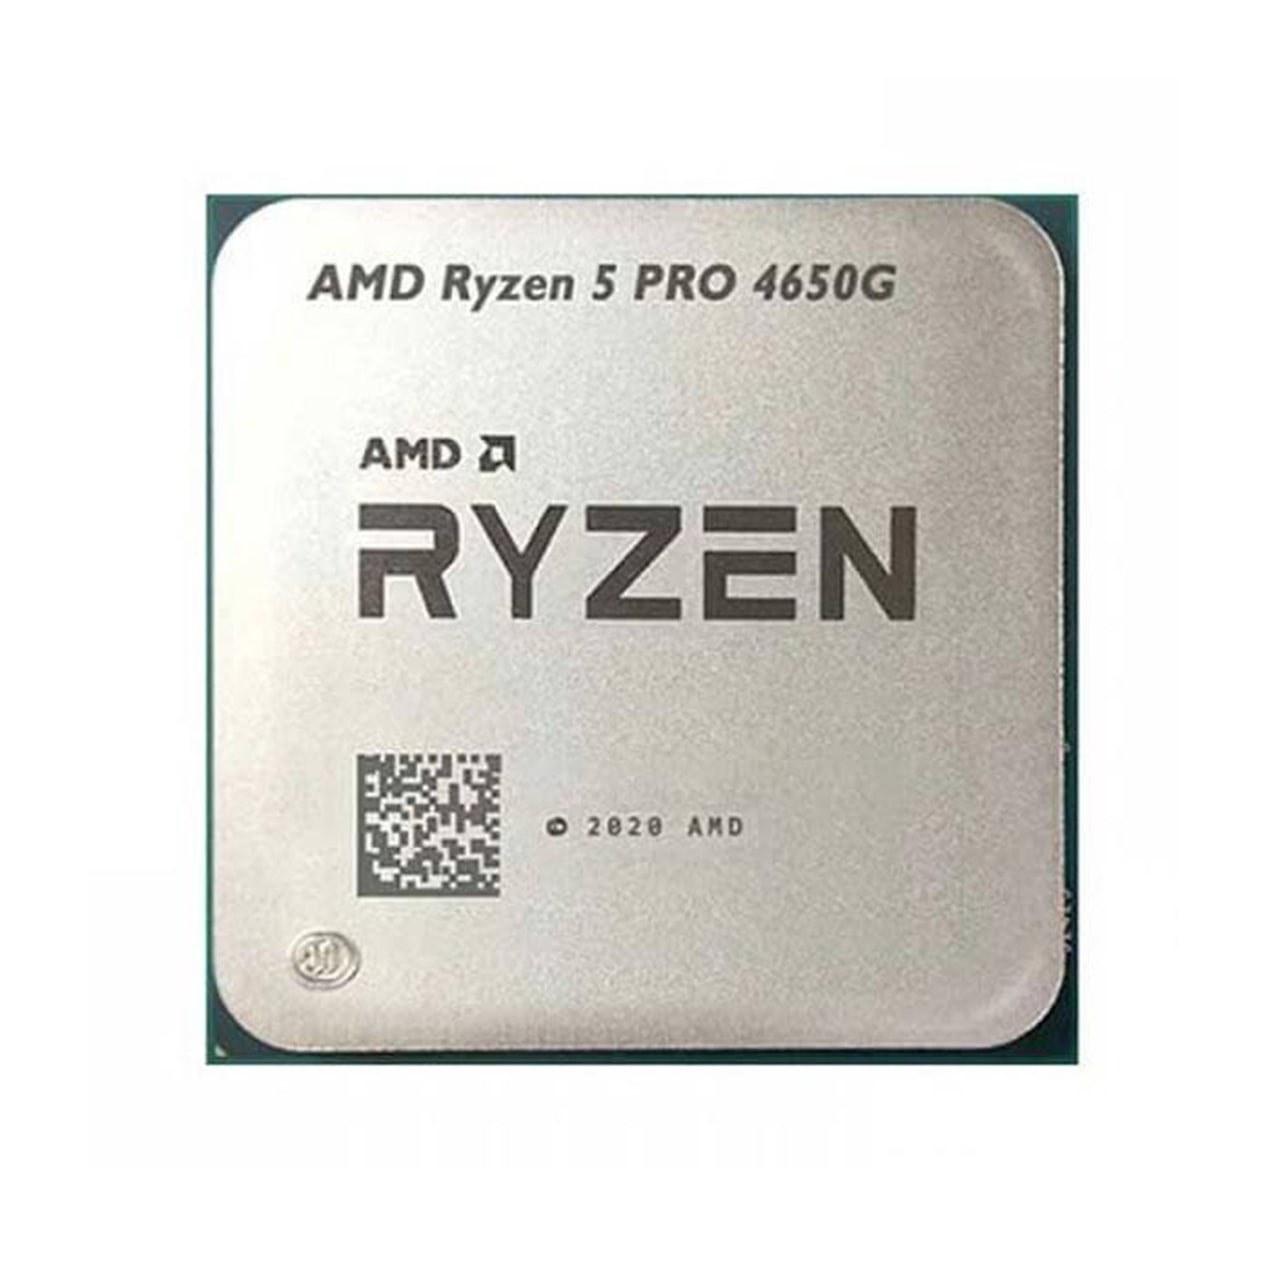 تصویر پردازنده بدون باکس AMD مدل AMD Ryzen 5 PRO 4650G